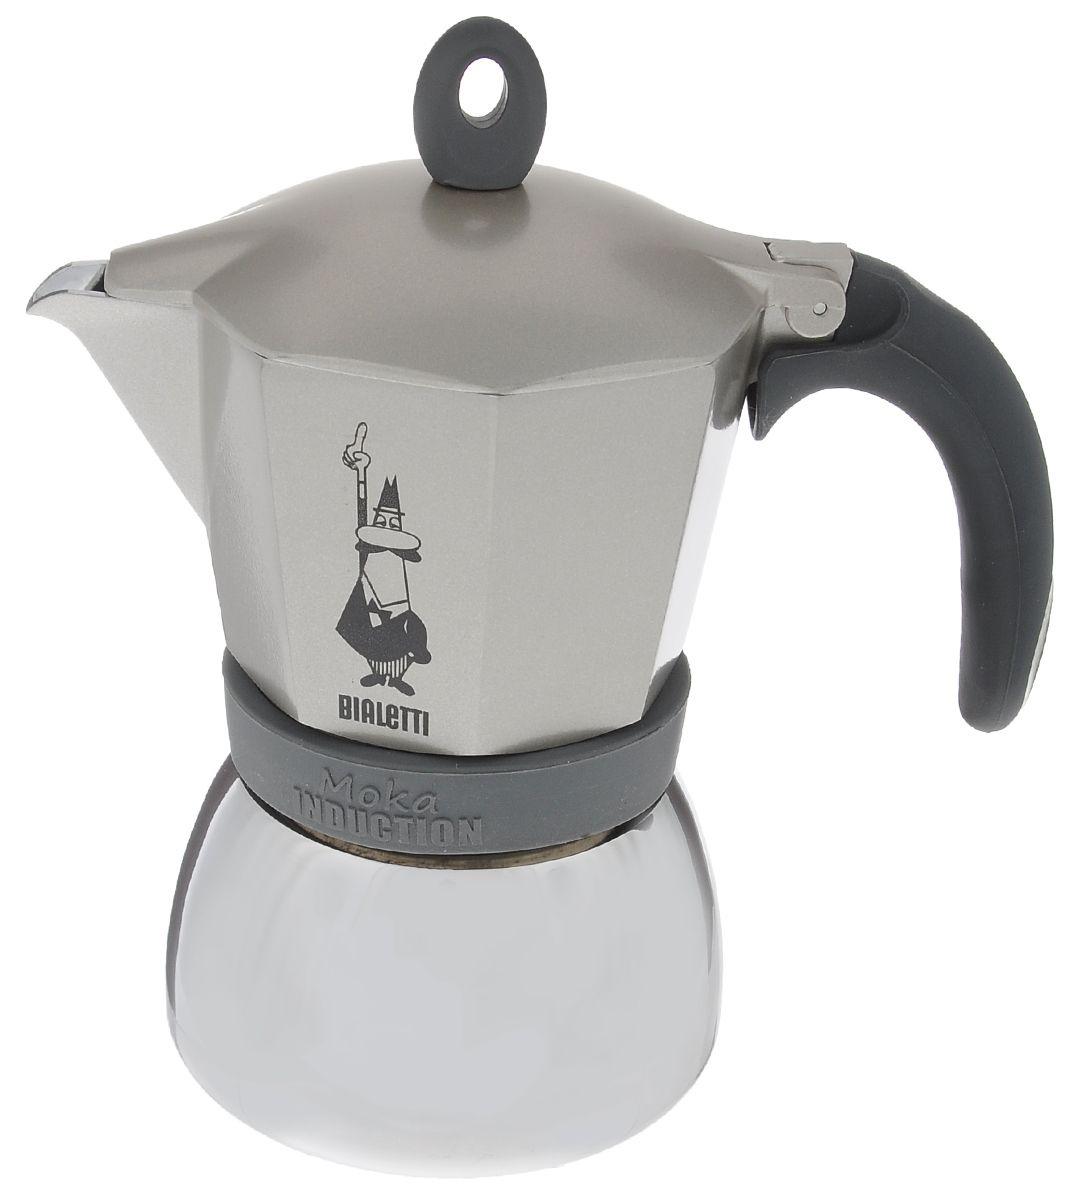 Топ-20 лучших гейзерных кофеварок для дома: рейтинг 2019-2020 года и как выбрать качественную модель согласно отзывов покупателей